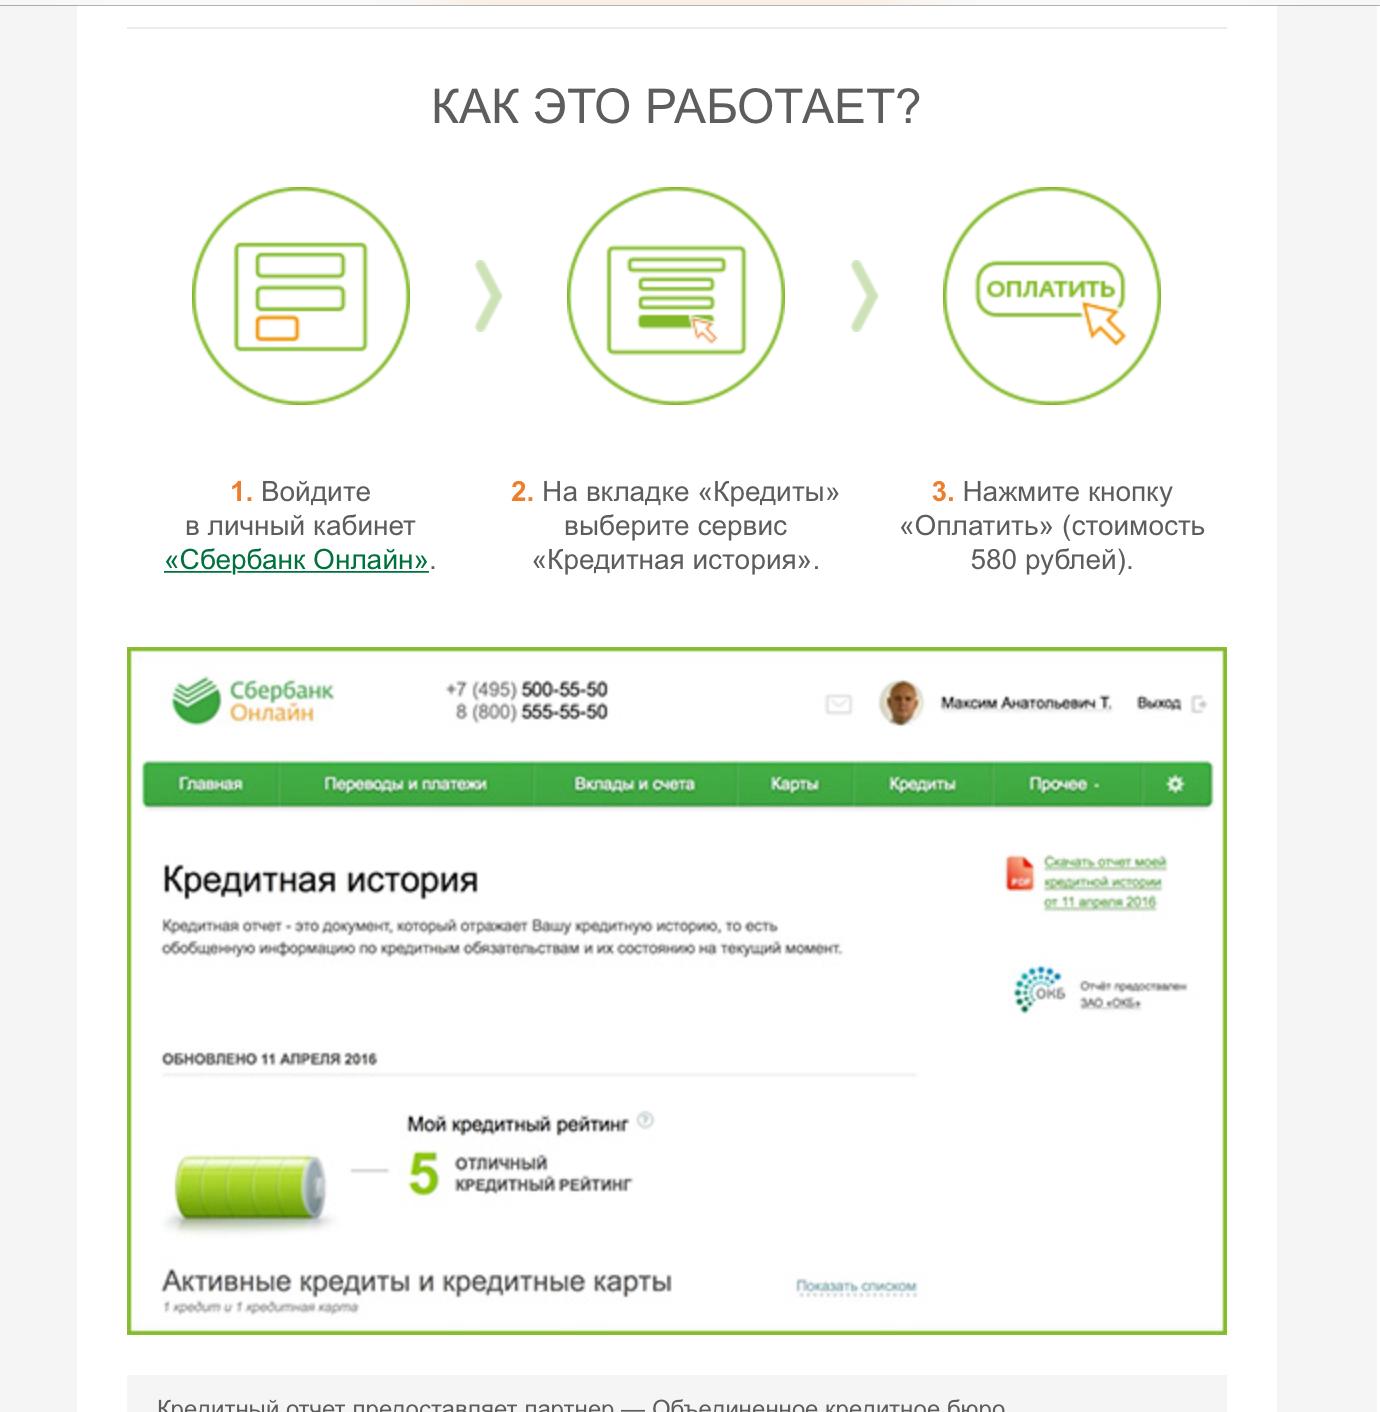 кредитная история сбербанк онлайн бесплатно